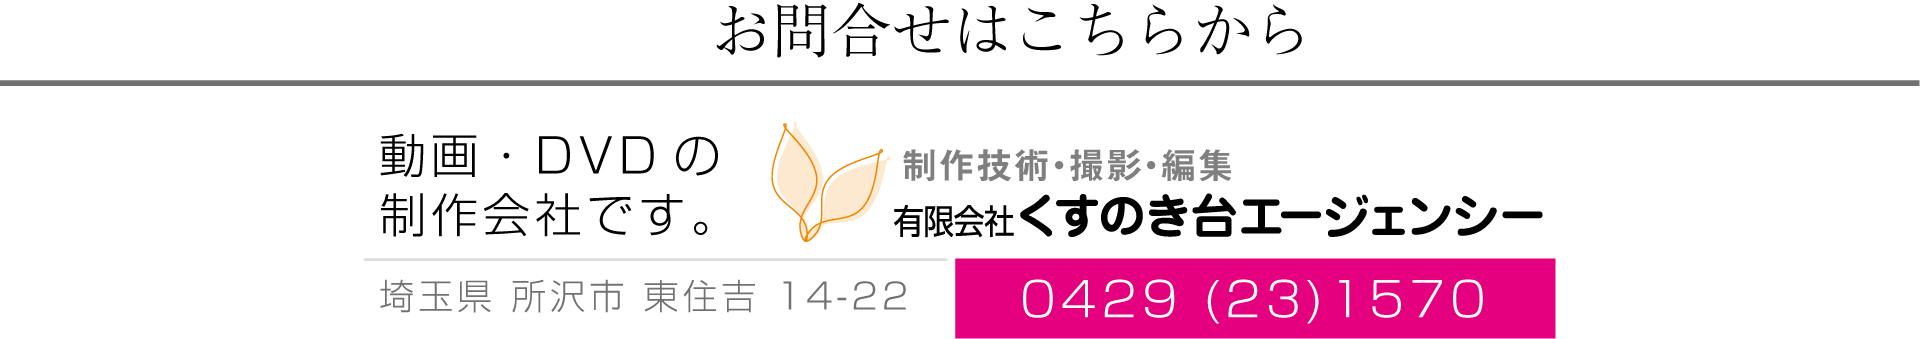 埼玉県所沢市の映像制作会社です。